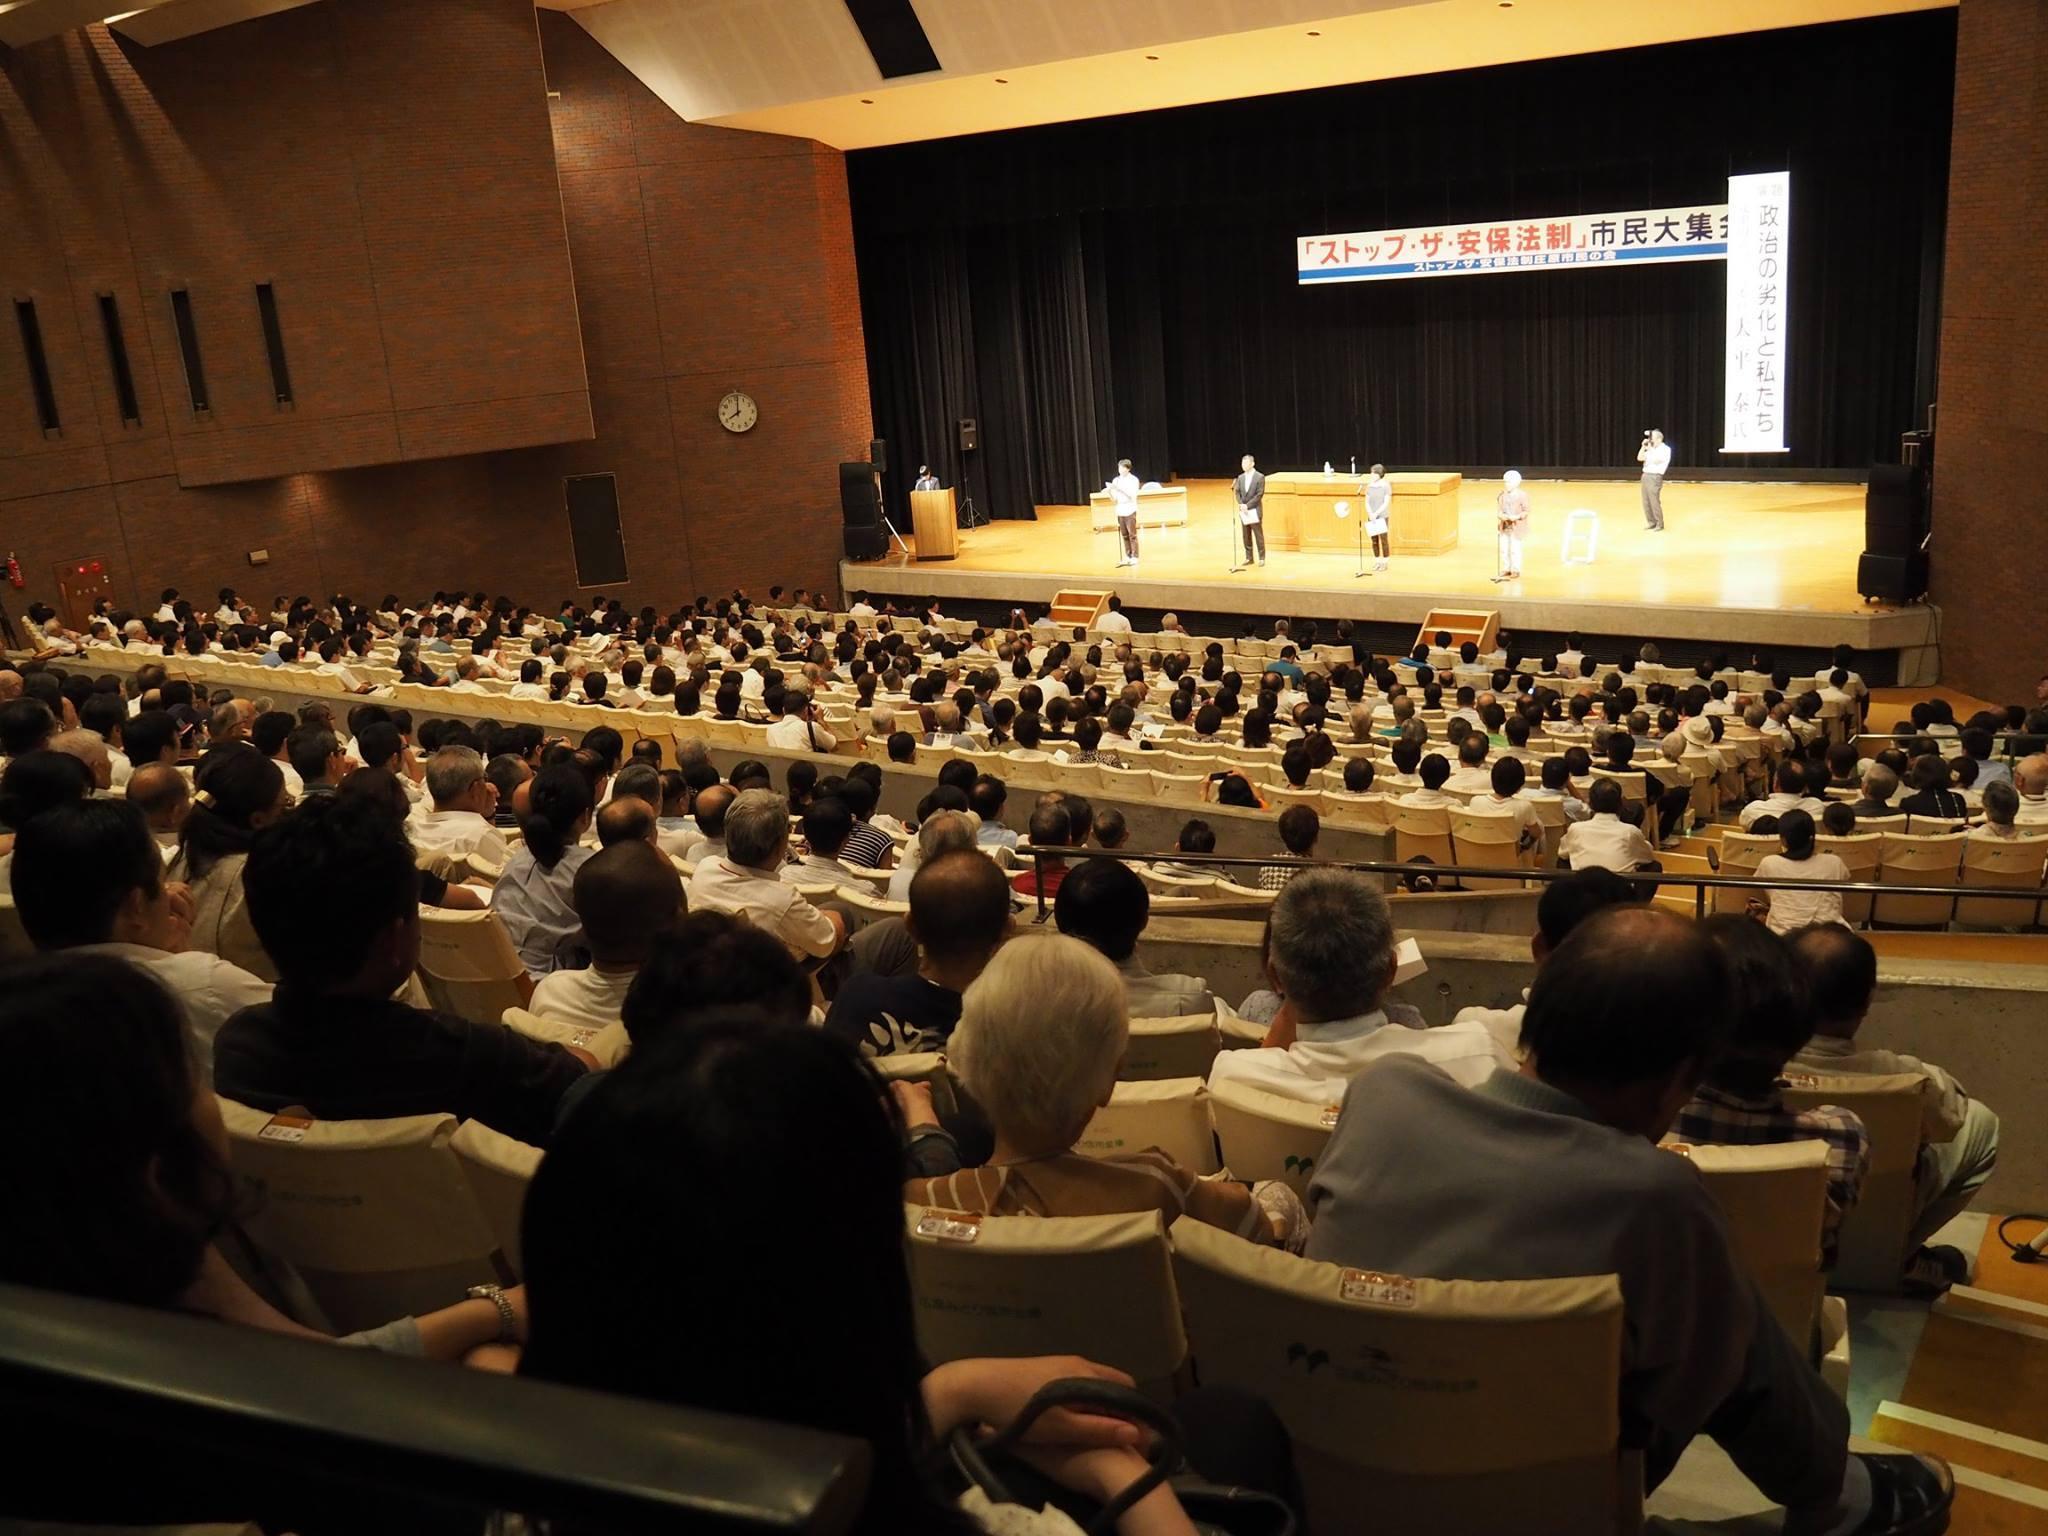 ストップ・ザ安保法制 庄原市民の会 900人が参加 東京なら30万人集会に匹敵!_e0094315_20220125.jpg